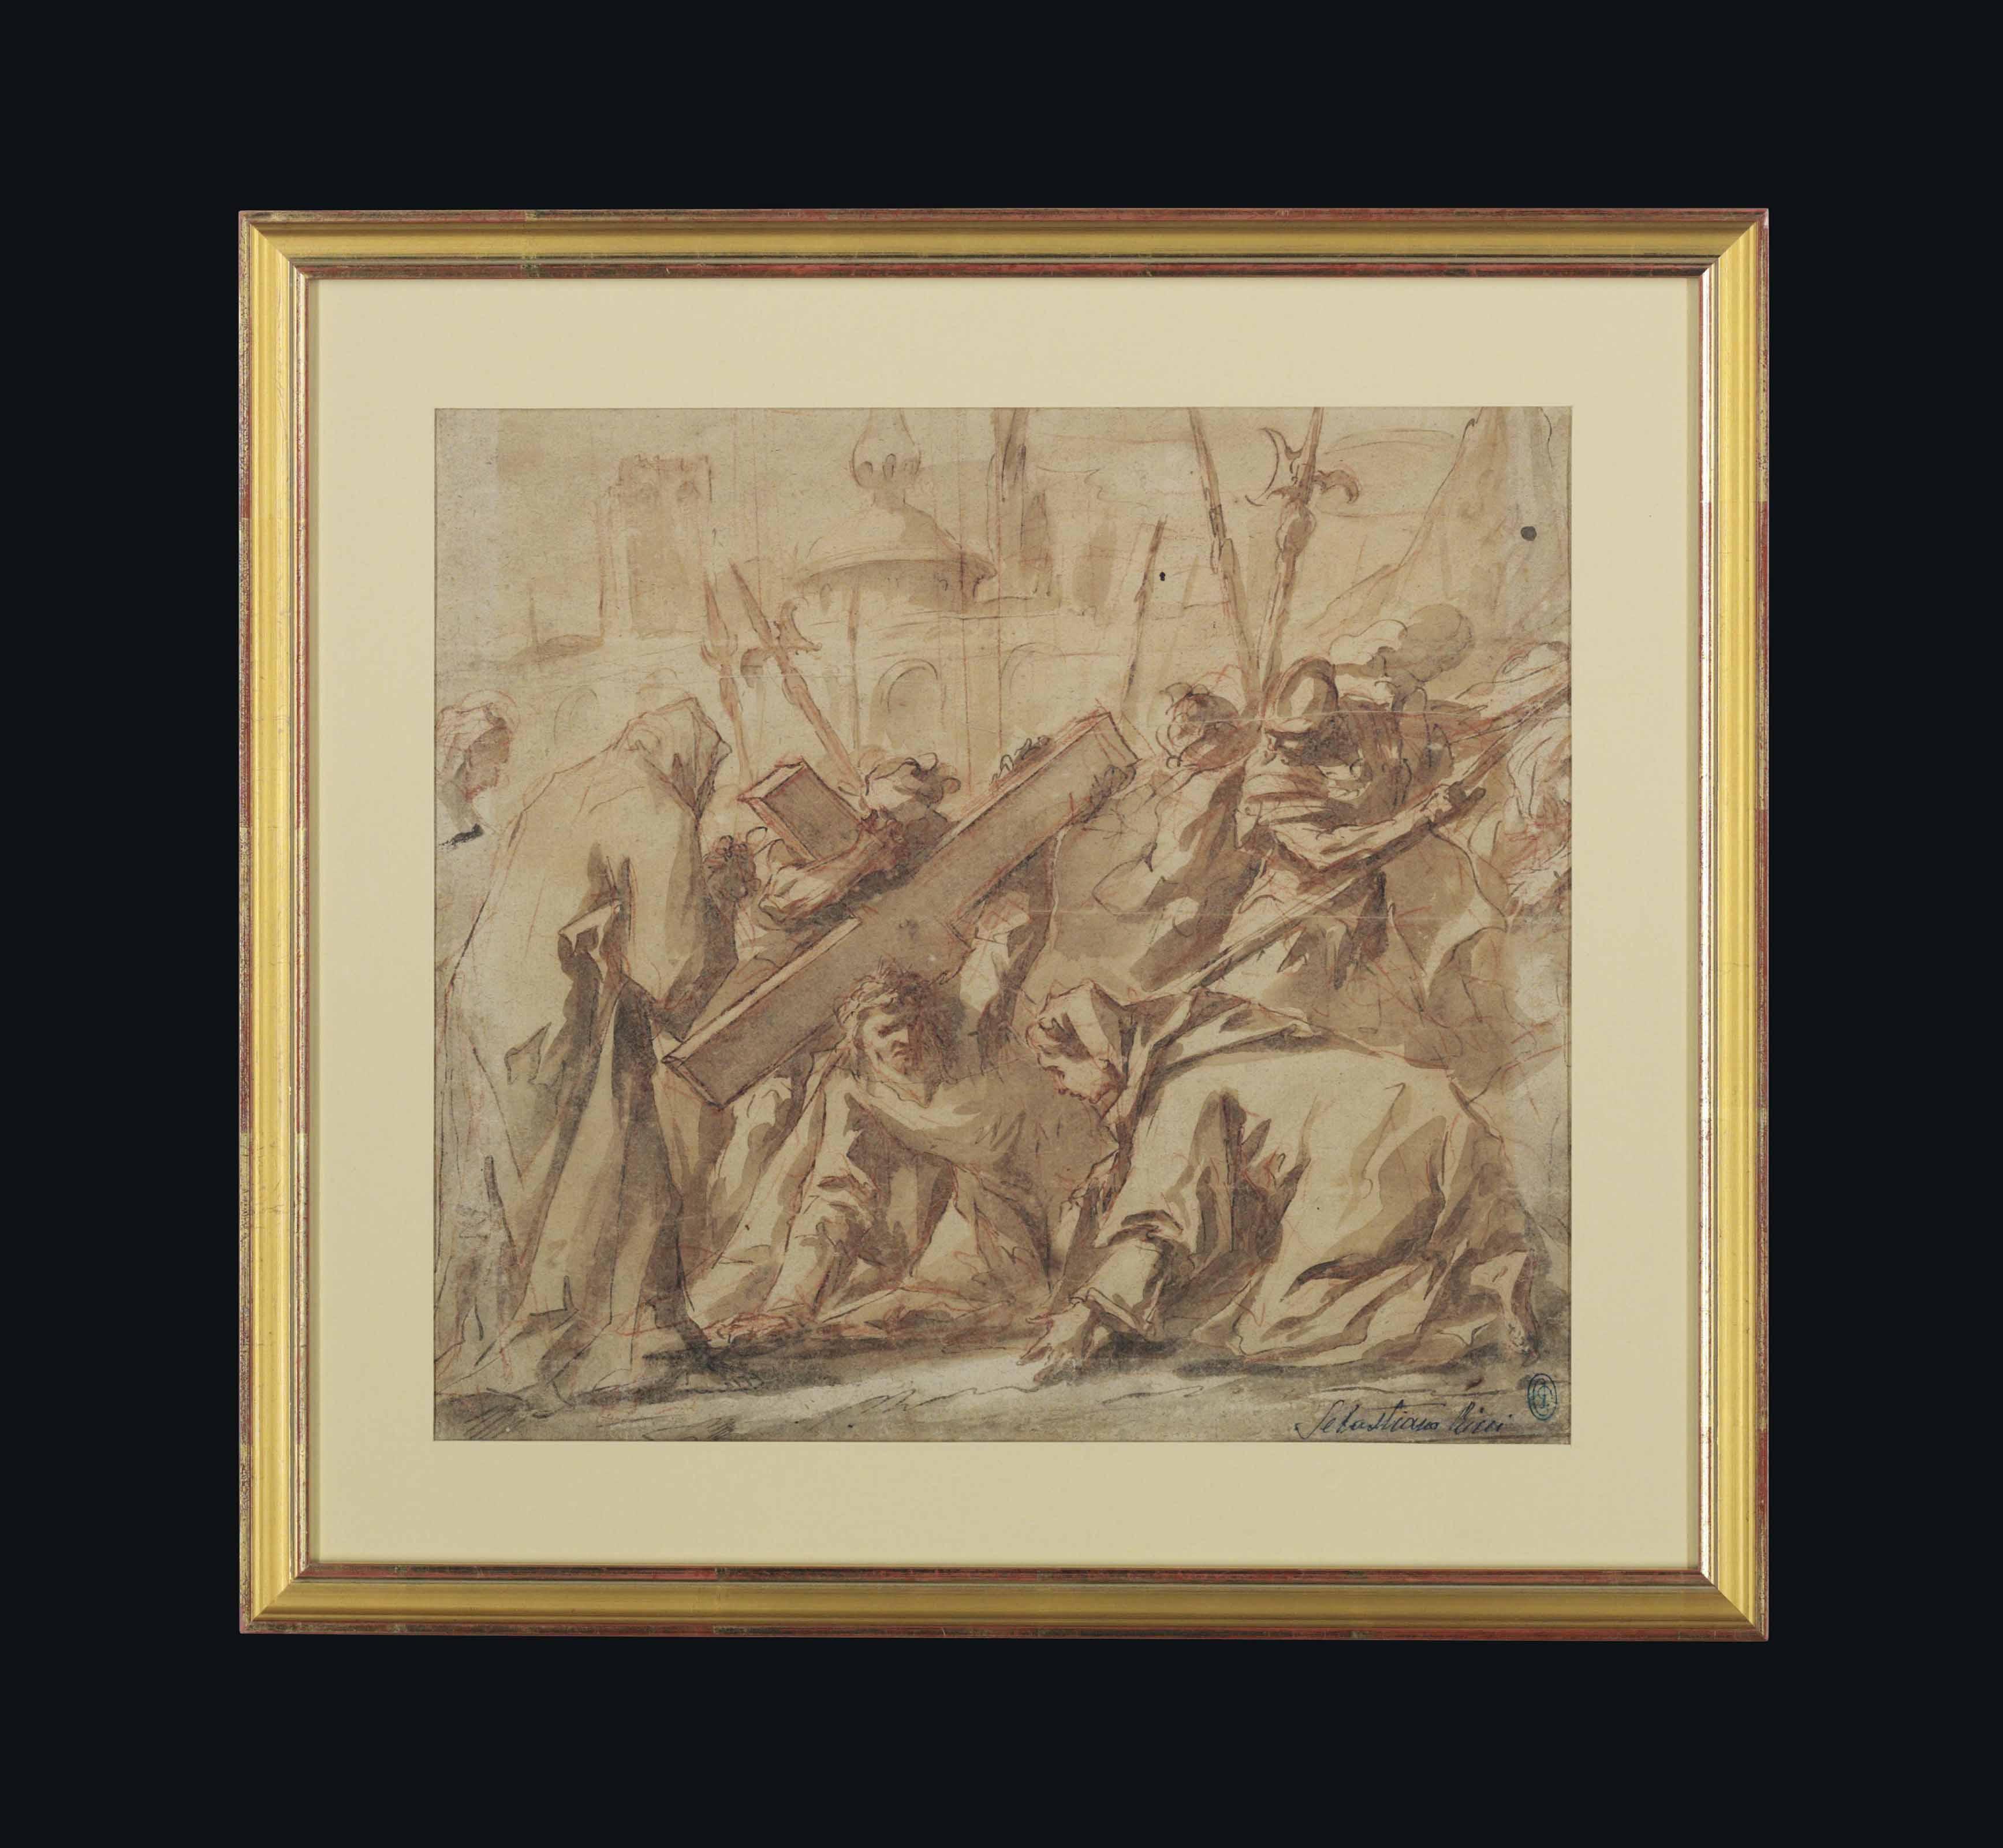 Gaspare Diziani (Belluno 1689-